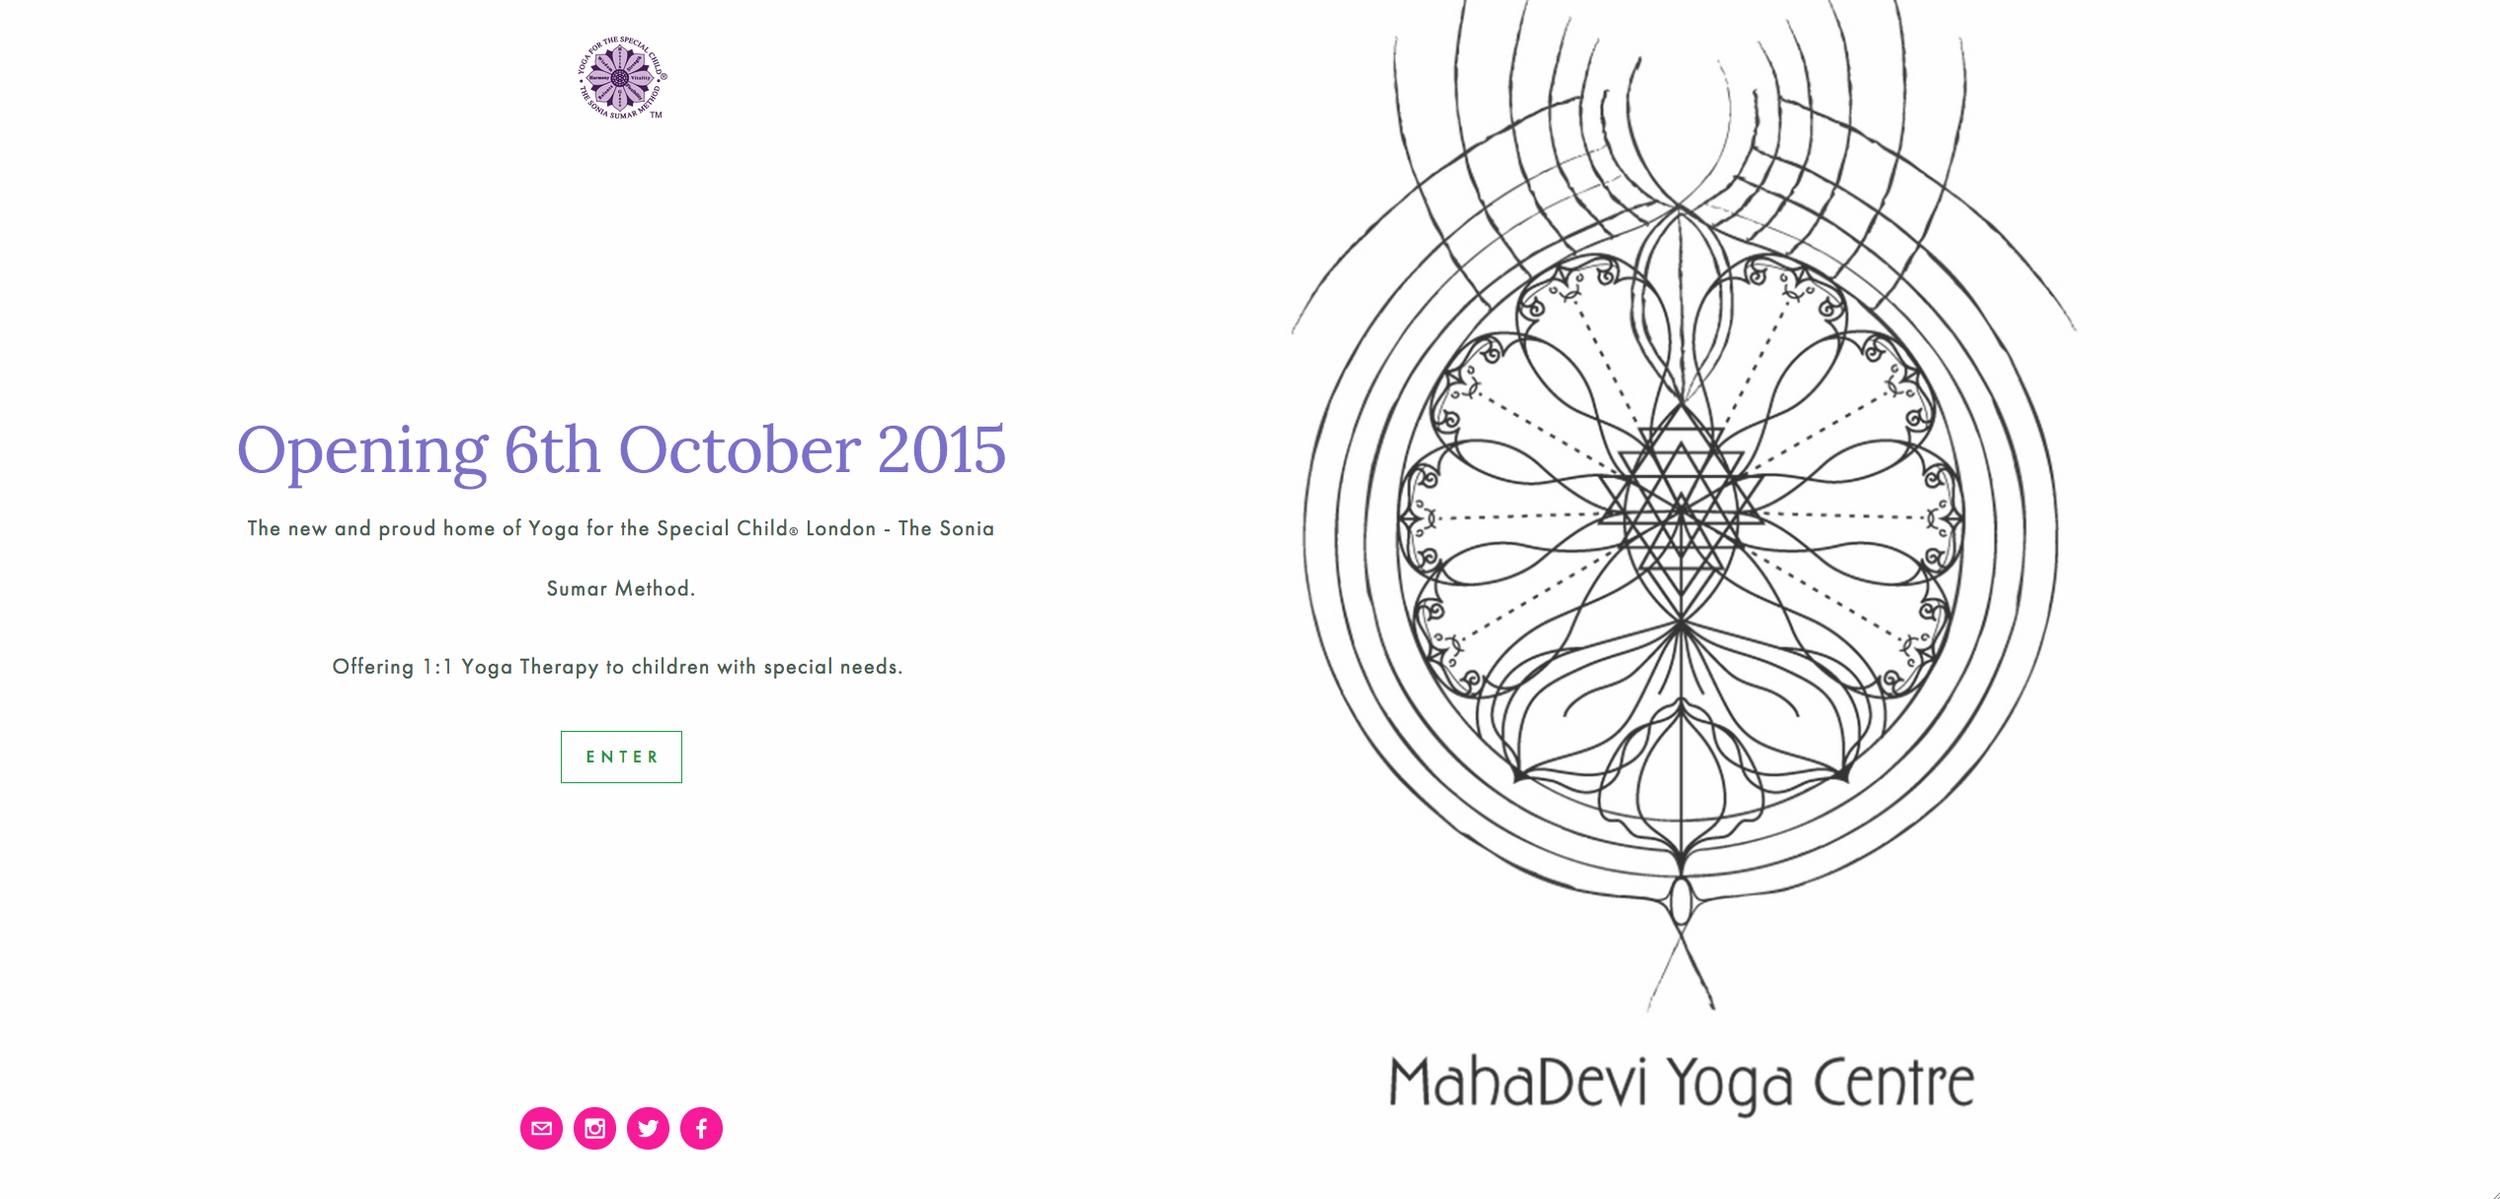 Screen shot 2015-10-05 at 16.24.38.png